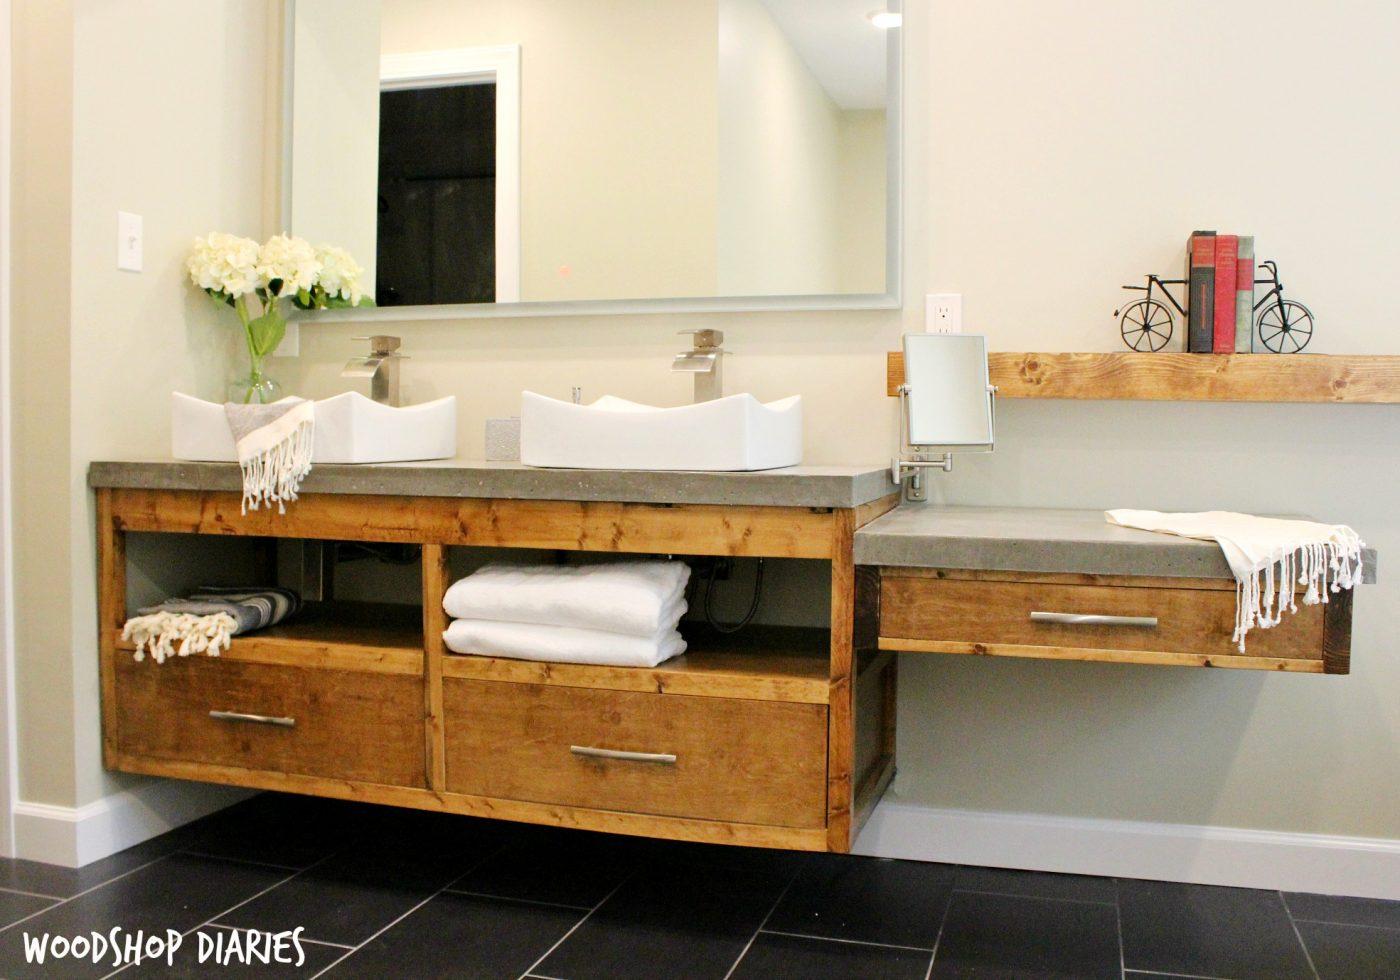 Build Bathroom Vanity. Free Building Plans To Make Your Own Modern DIY  Floating Bathroom Vanity